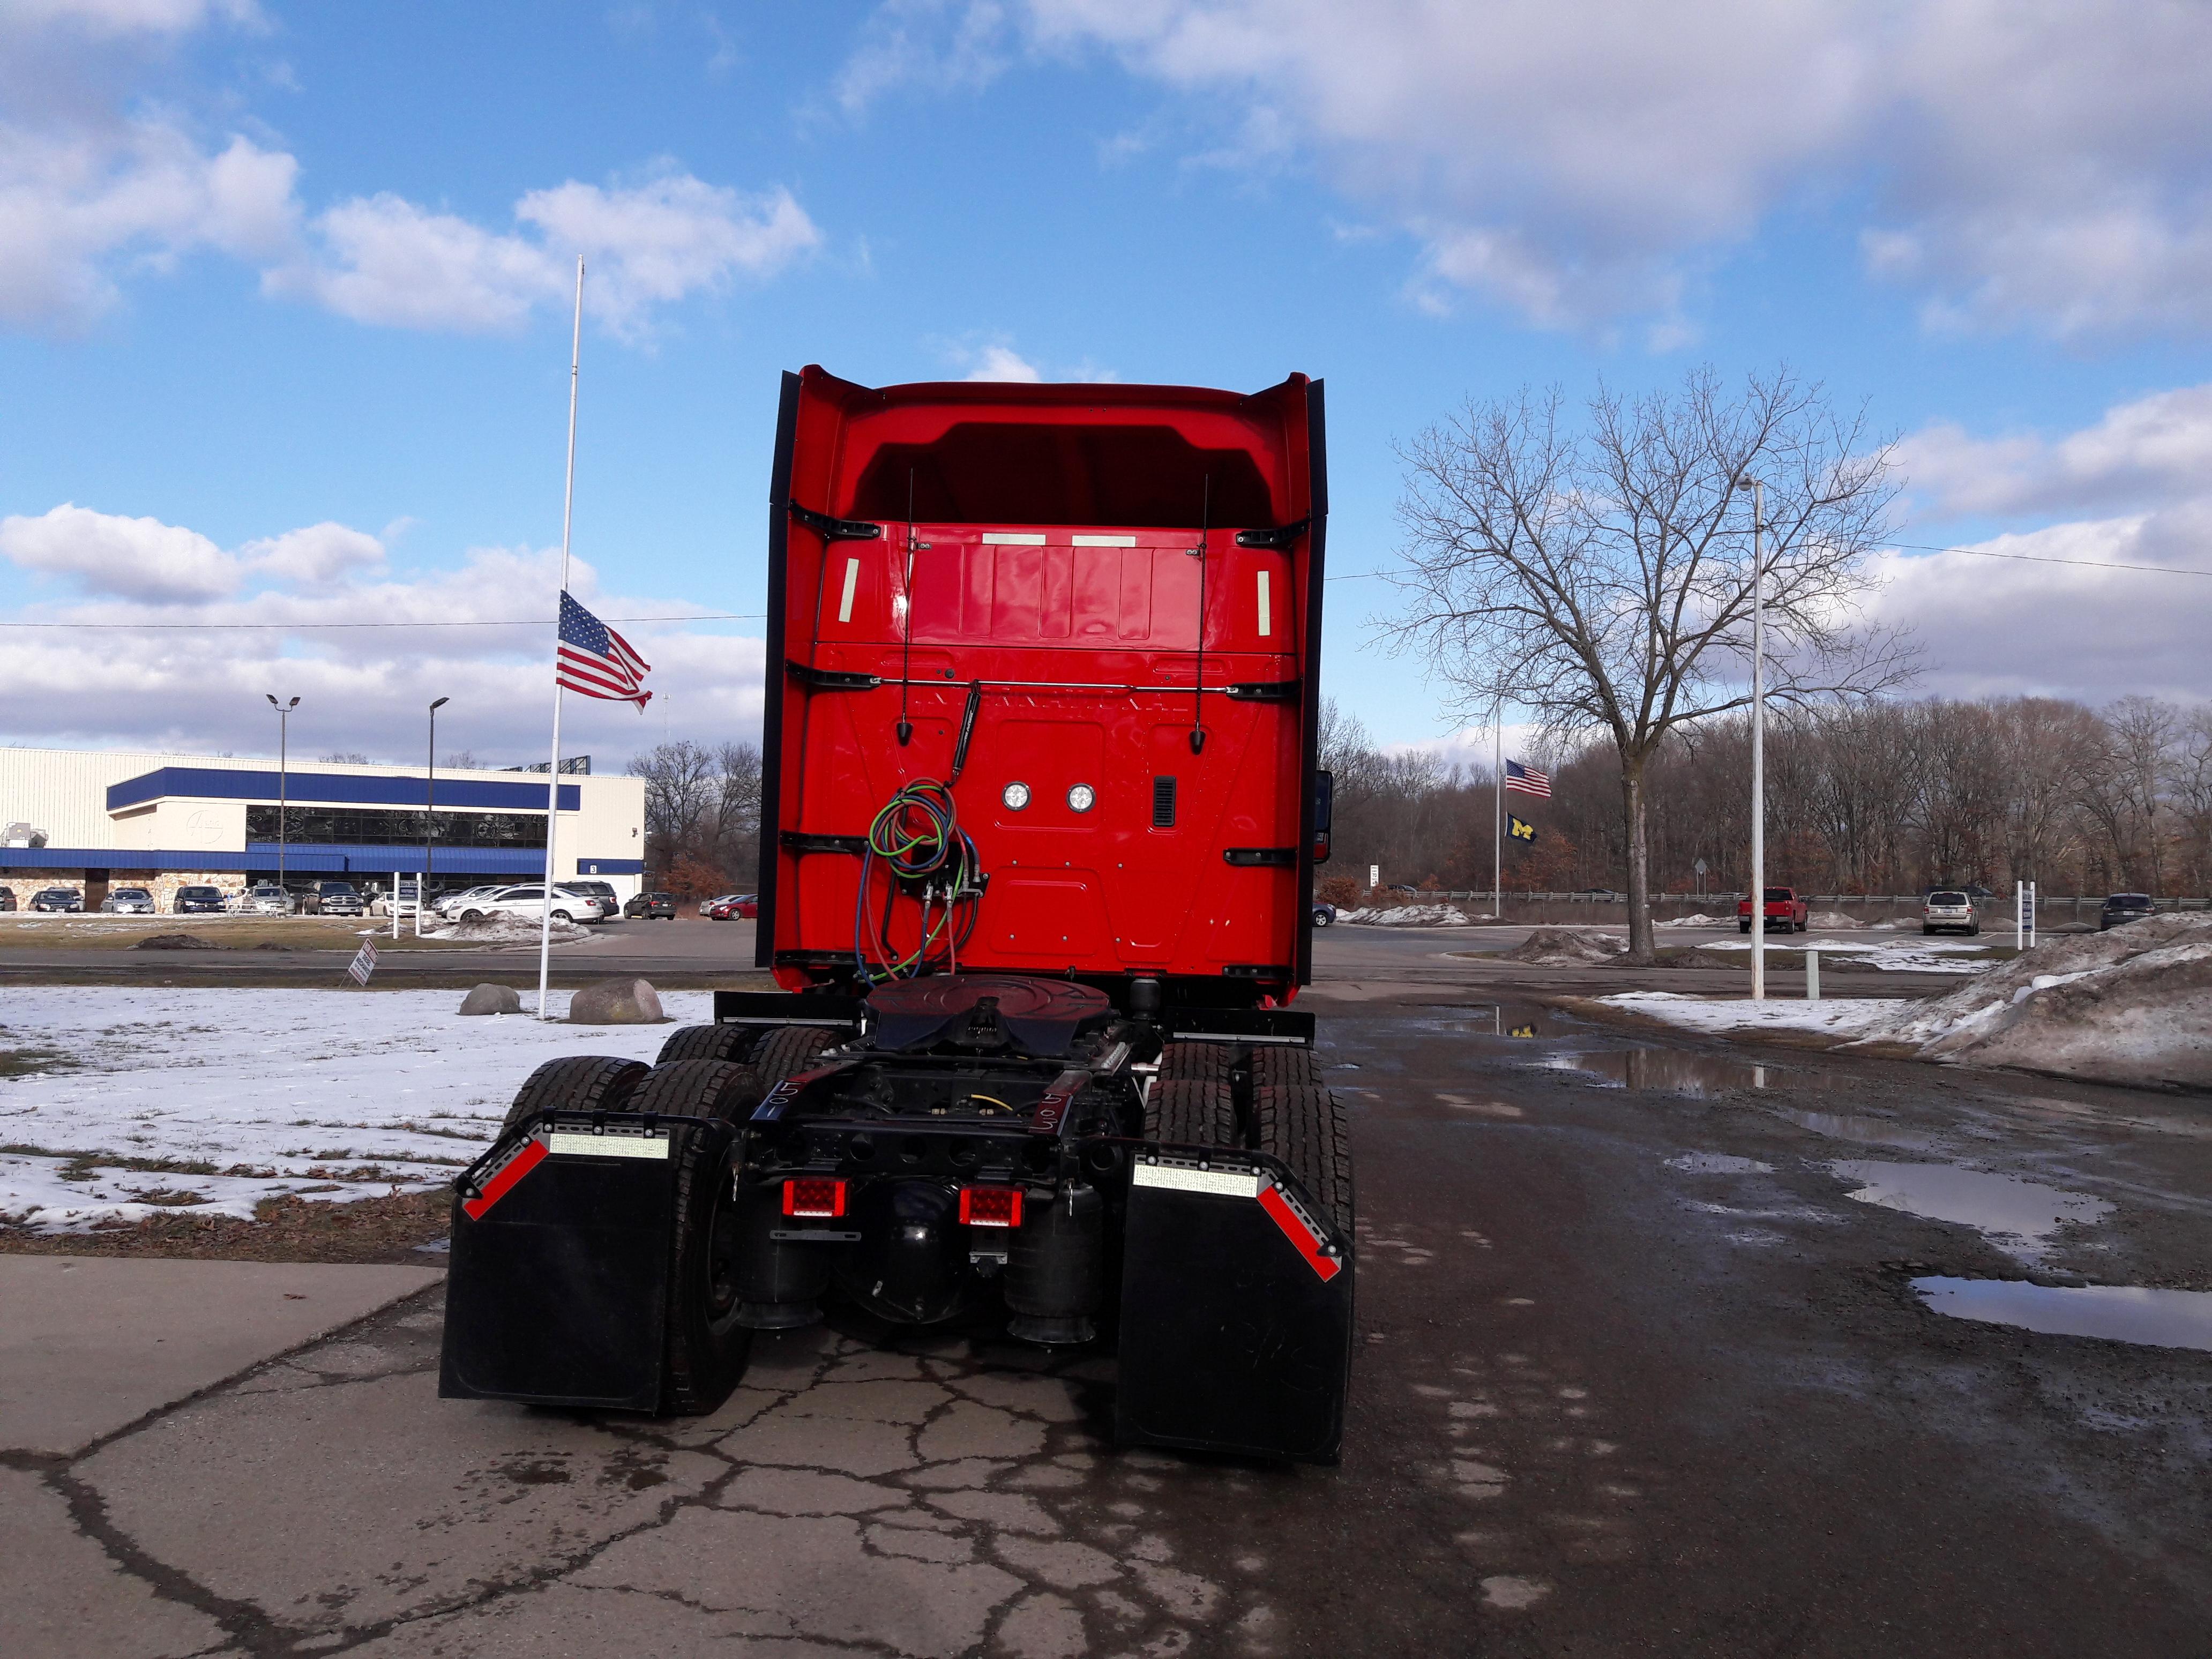 New 2019 International LT625 6x4 in Dearborn, MI